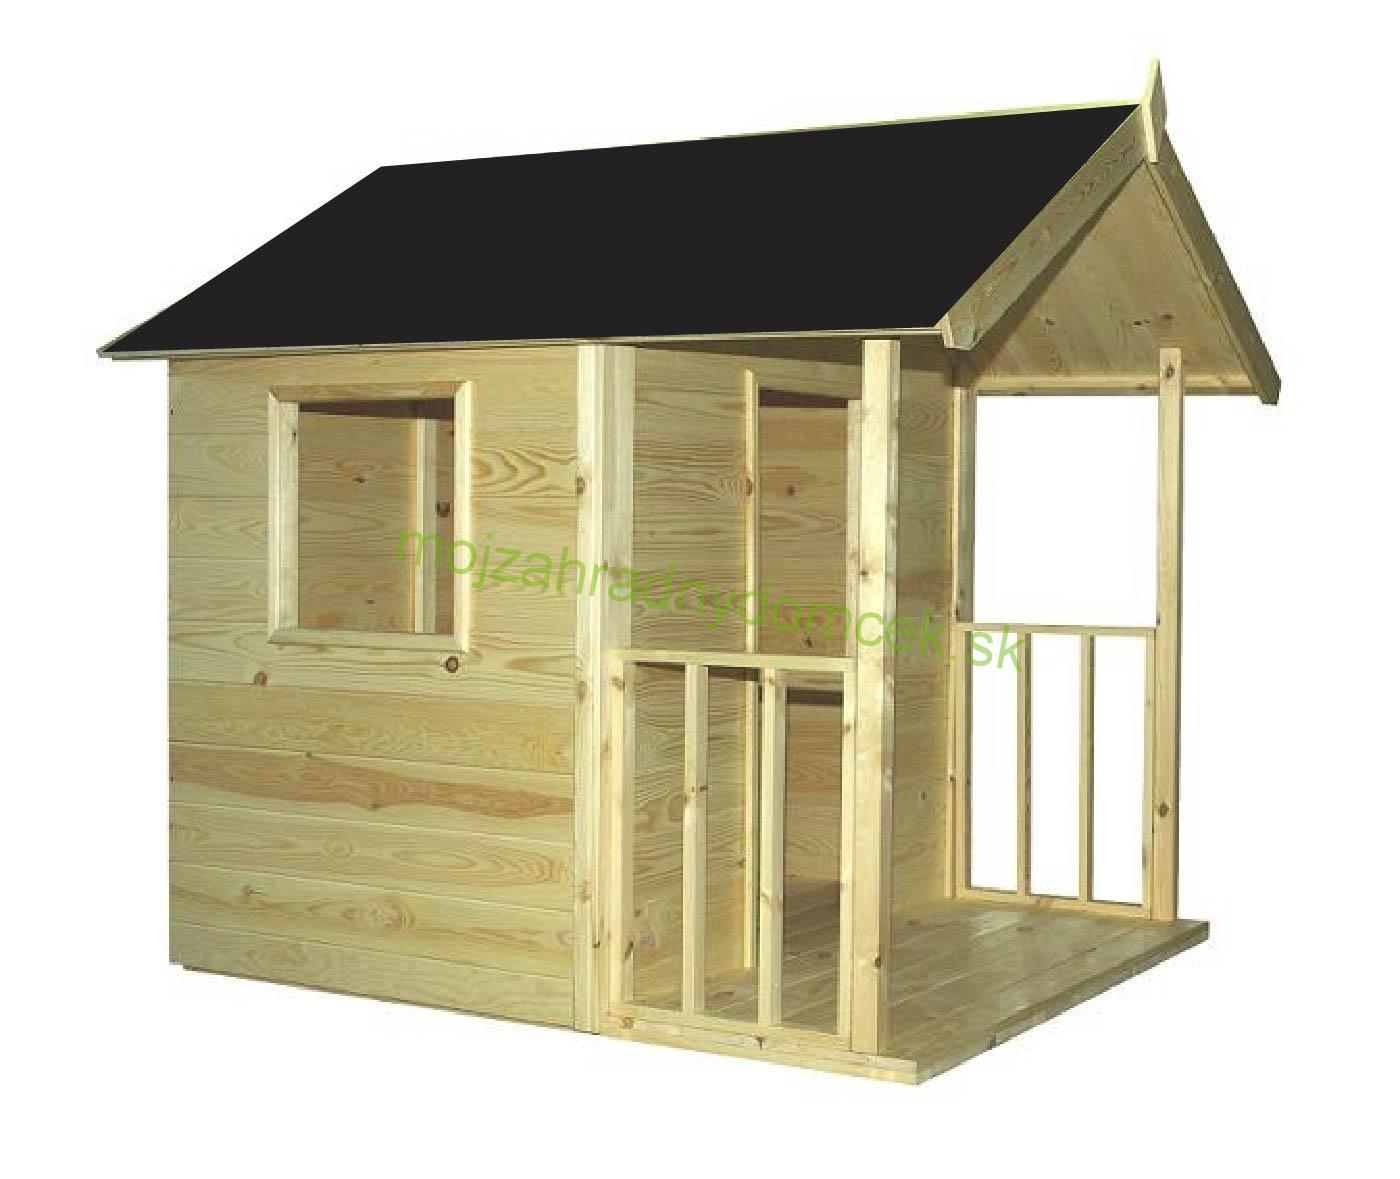 a59be5c91754e Domčeky DETSKÉ | Detský drevený záhradný domček CORY 1,4 x 1,8m ...